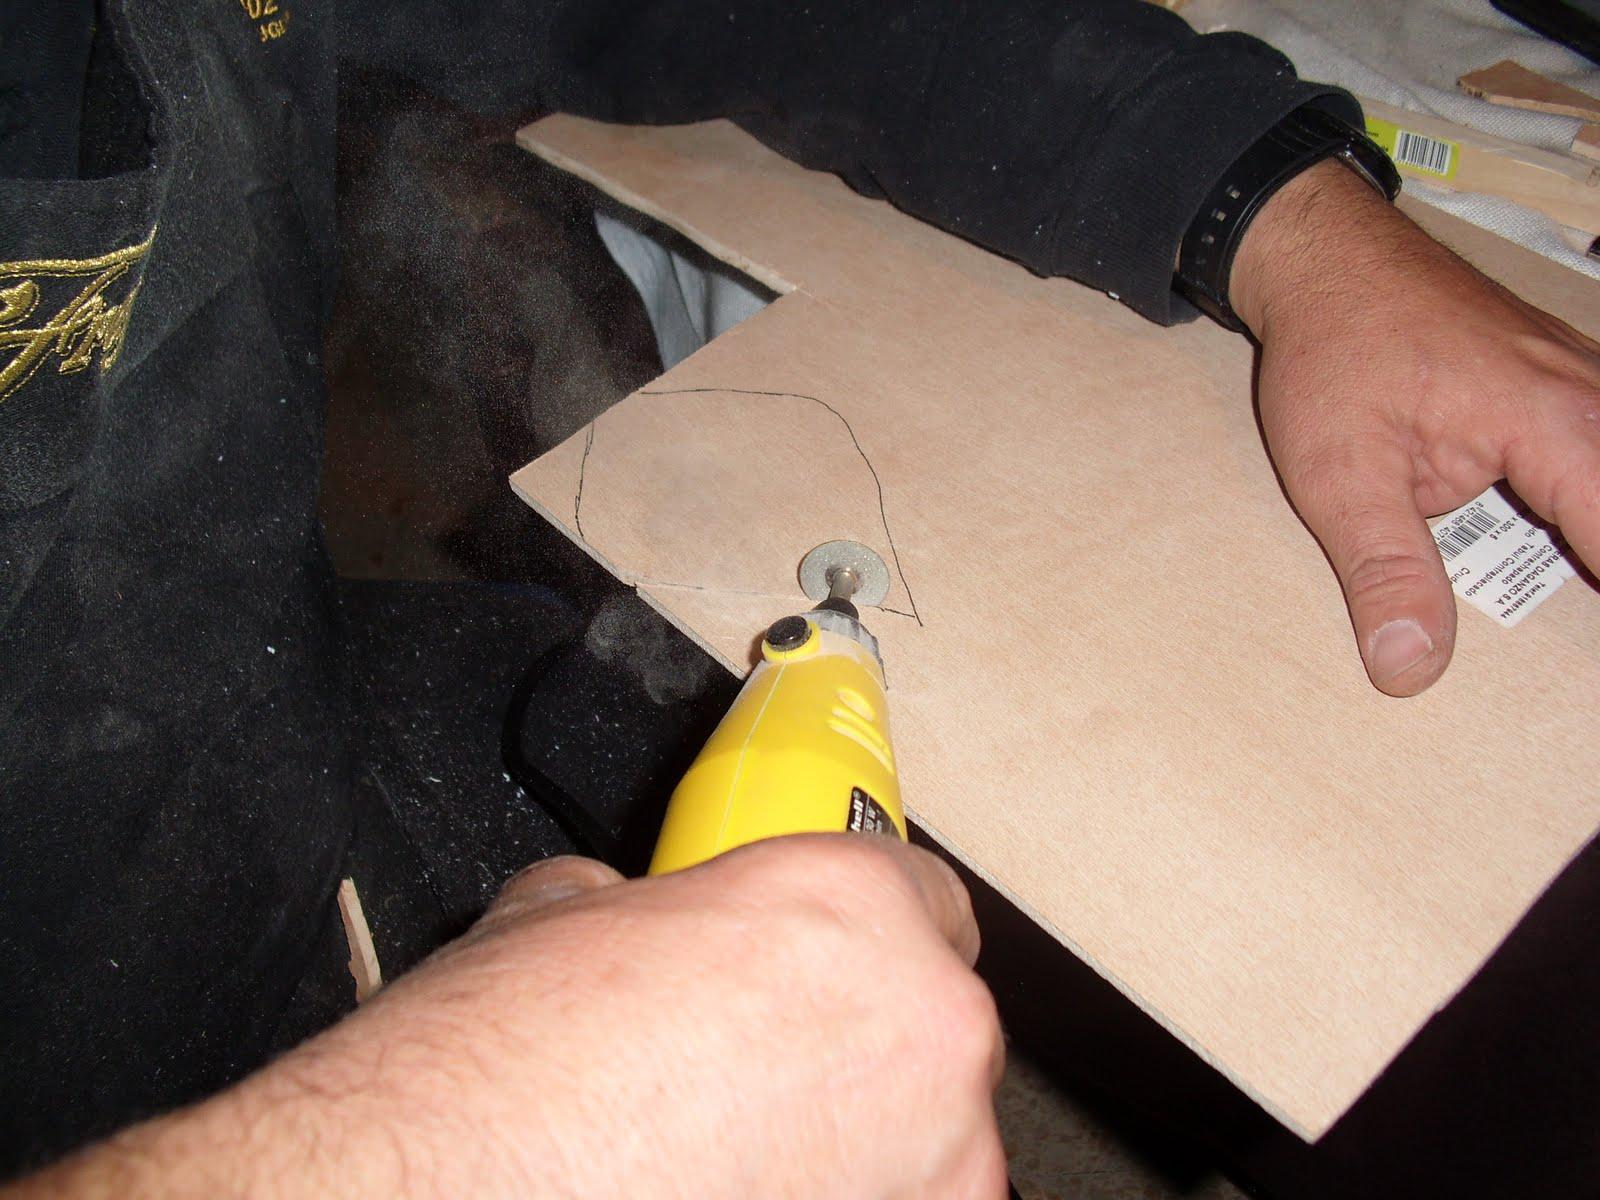 un poco la costura, el tejido y demas para hacer algo con madera